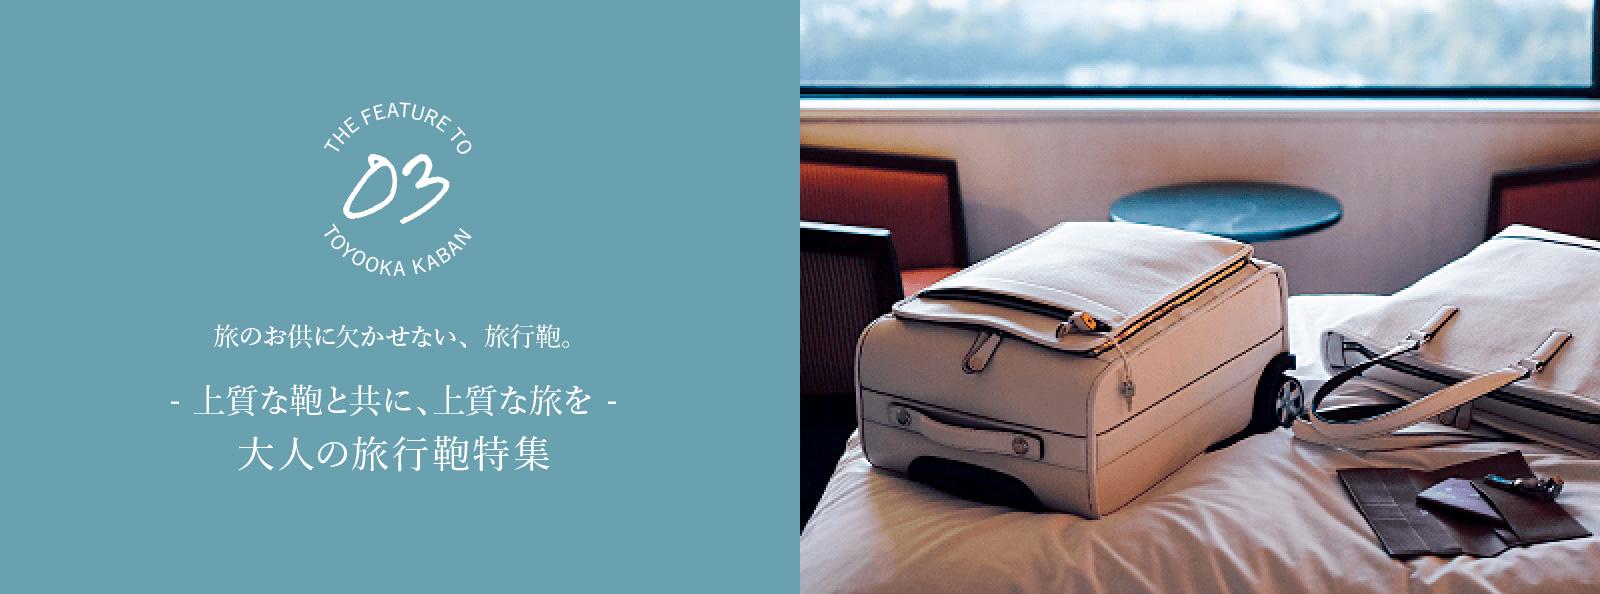 旅のお供に欠かせない、旅行鞄。上質な鞄とともに、上質な旅を-大人の旅行鞄特集-